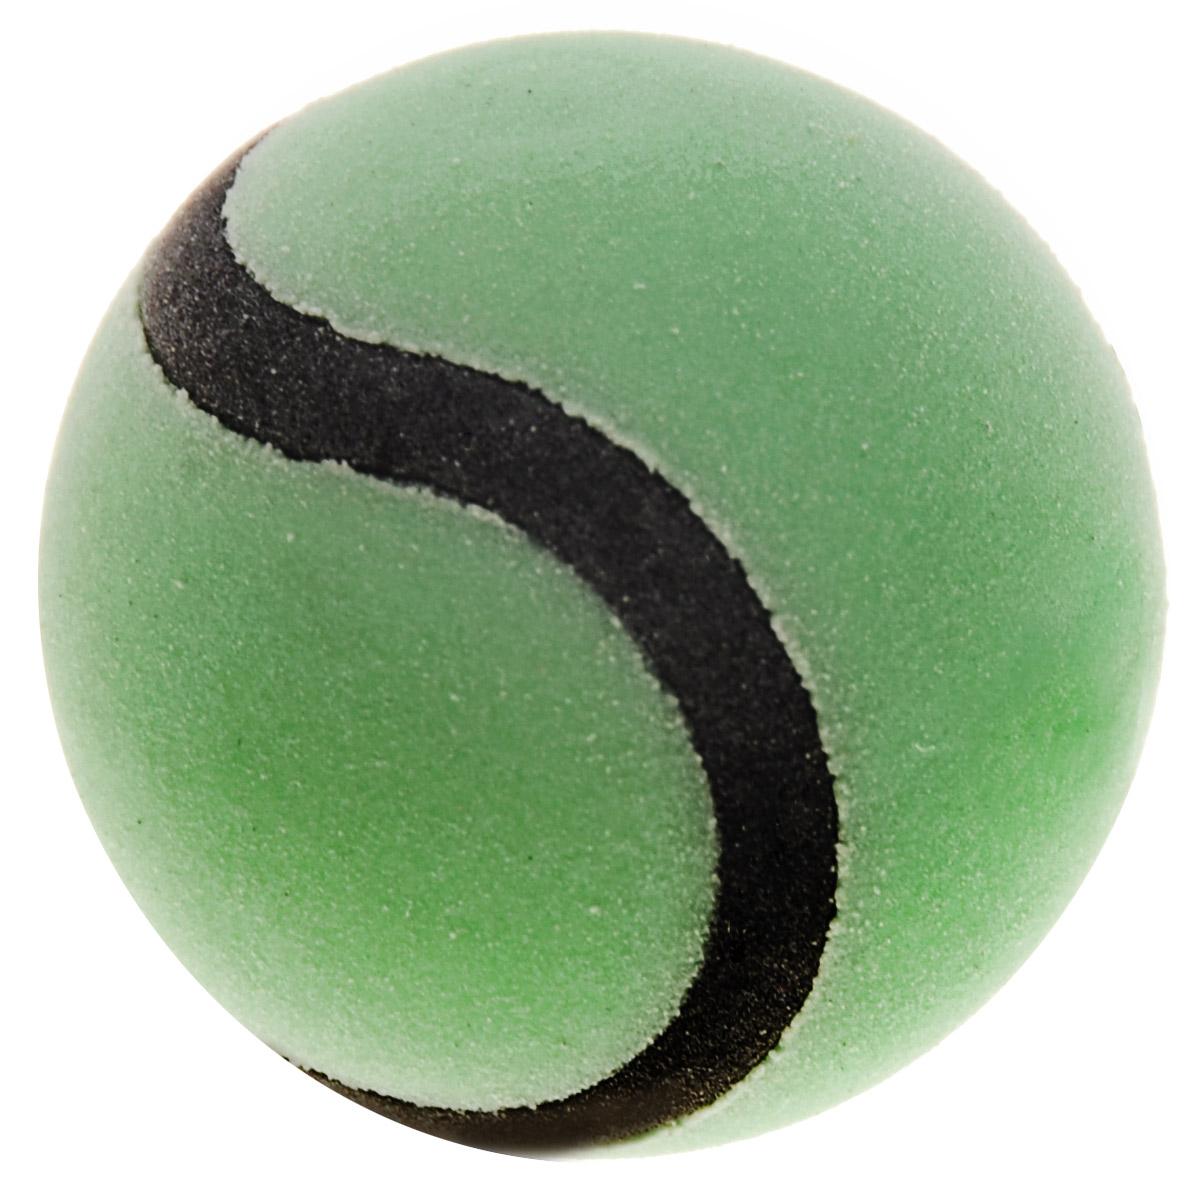 Brunnen Ластик Мячик теннисный цвет салатовый62155_зеленыйЛастик Brunnen Мячик теннисный станет незаменимым аксессуаром на рабочем столе не только школьника или студента, но и офисного работника. Выполнен ластик в виде мяча салатового цвета. Он легко и без следа удаляет надписи, сделанные карандашом.